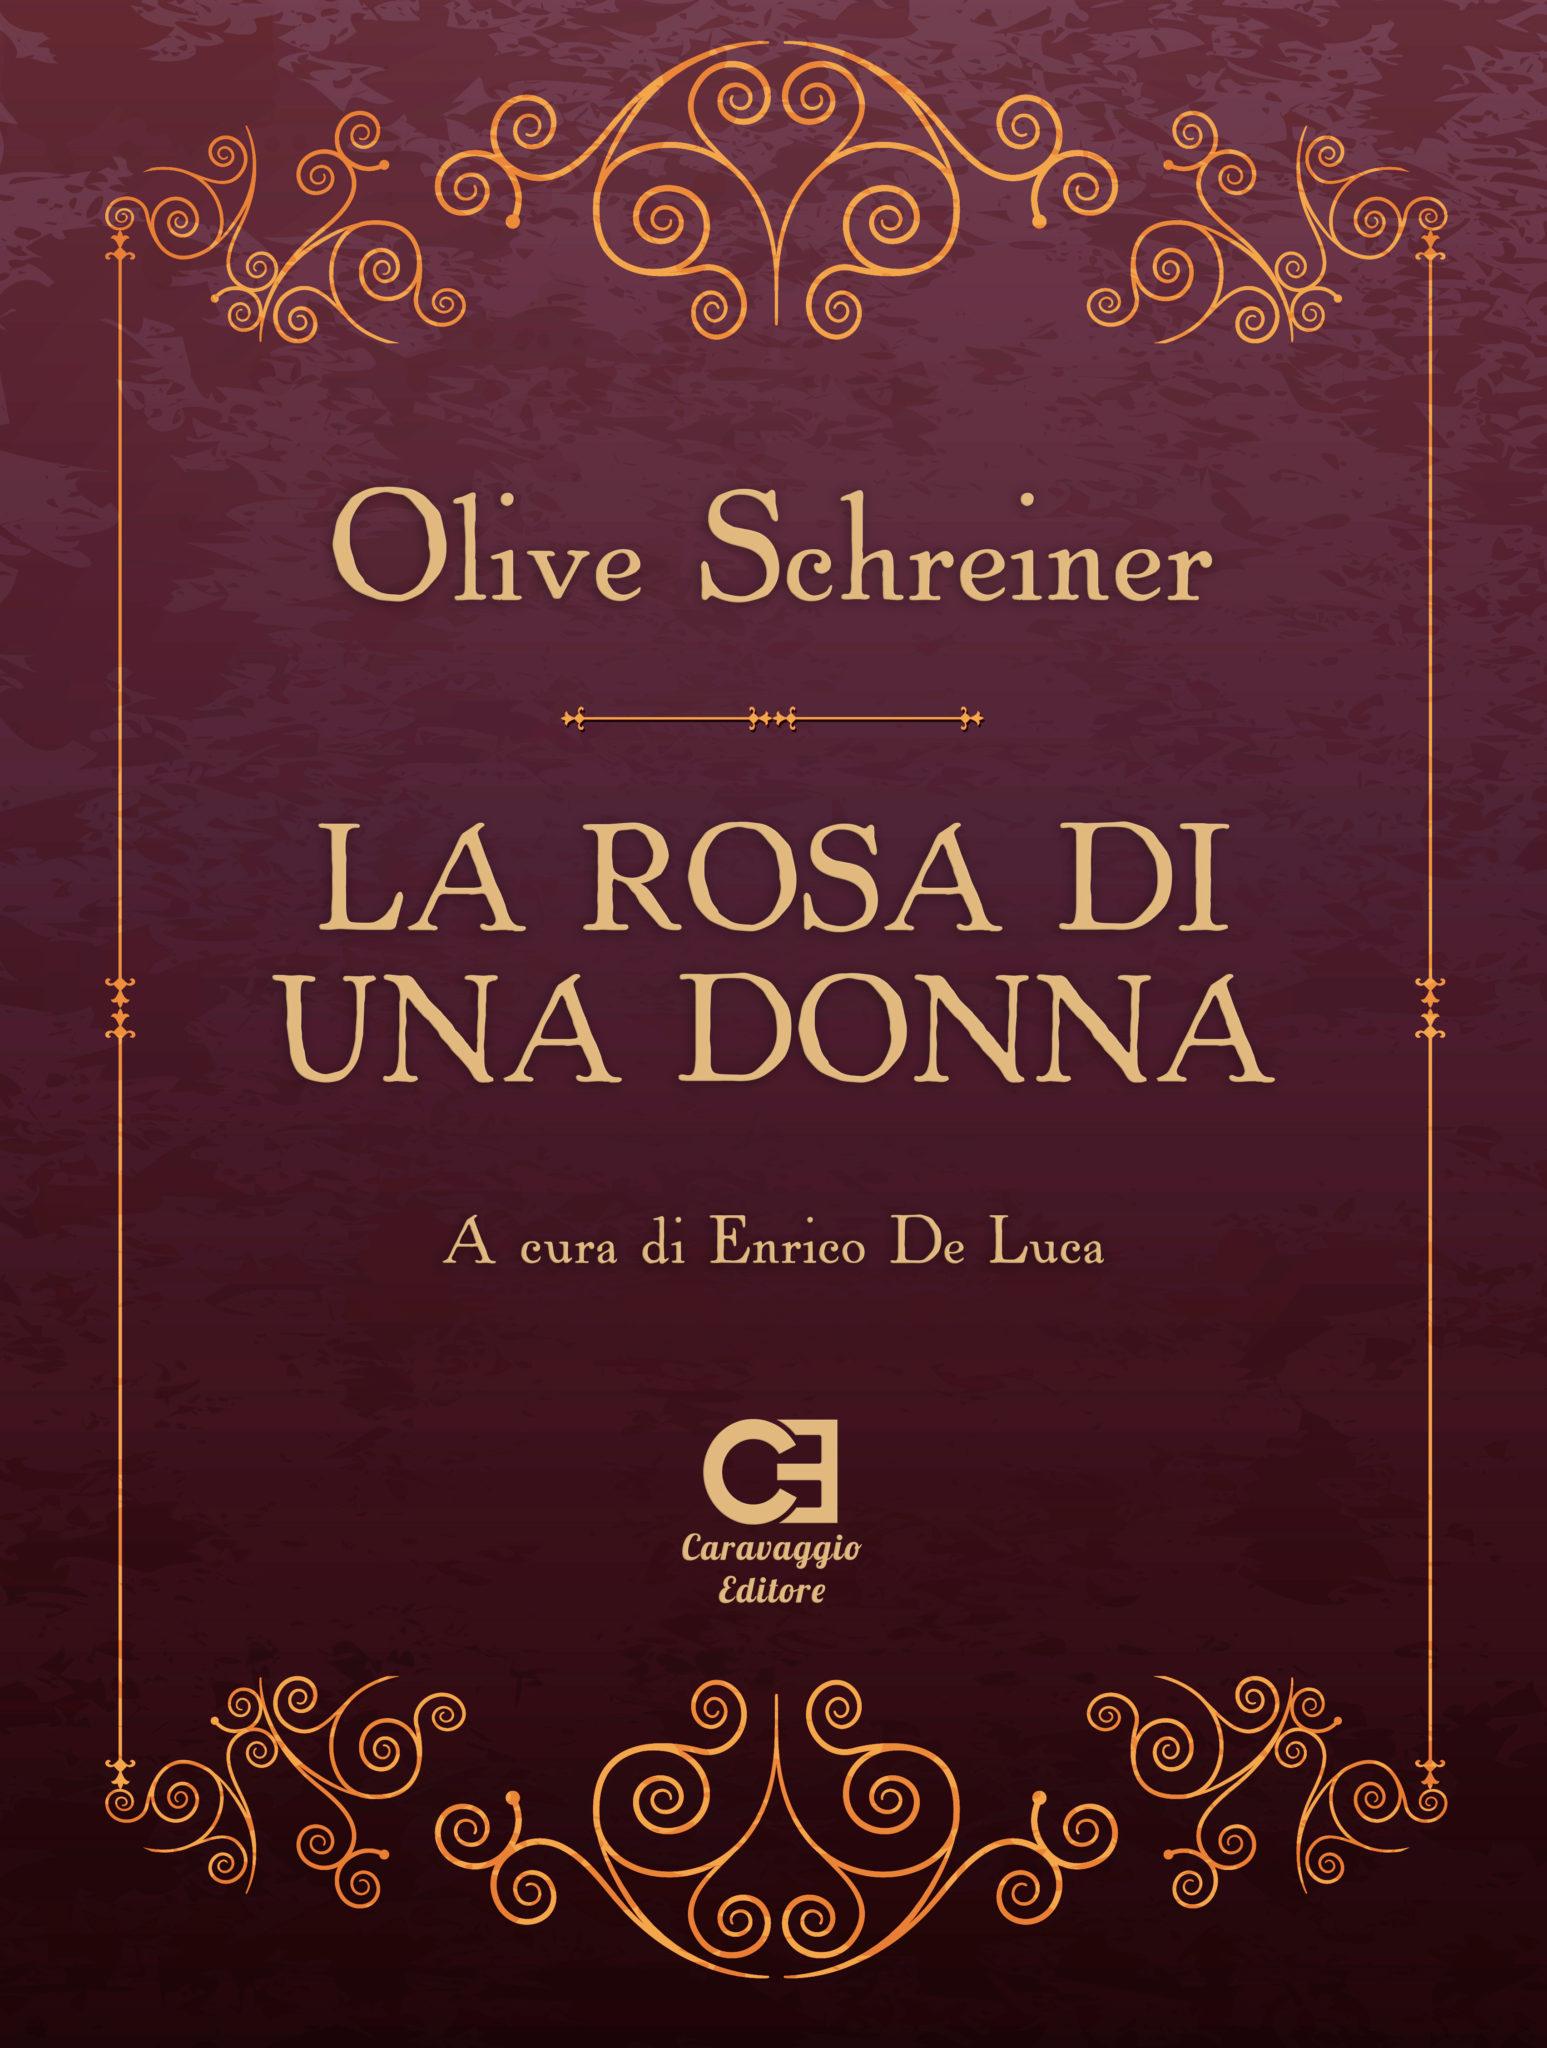 La rosa di una donna ~ Caravaggio Editore